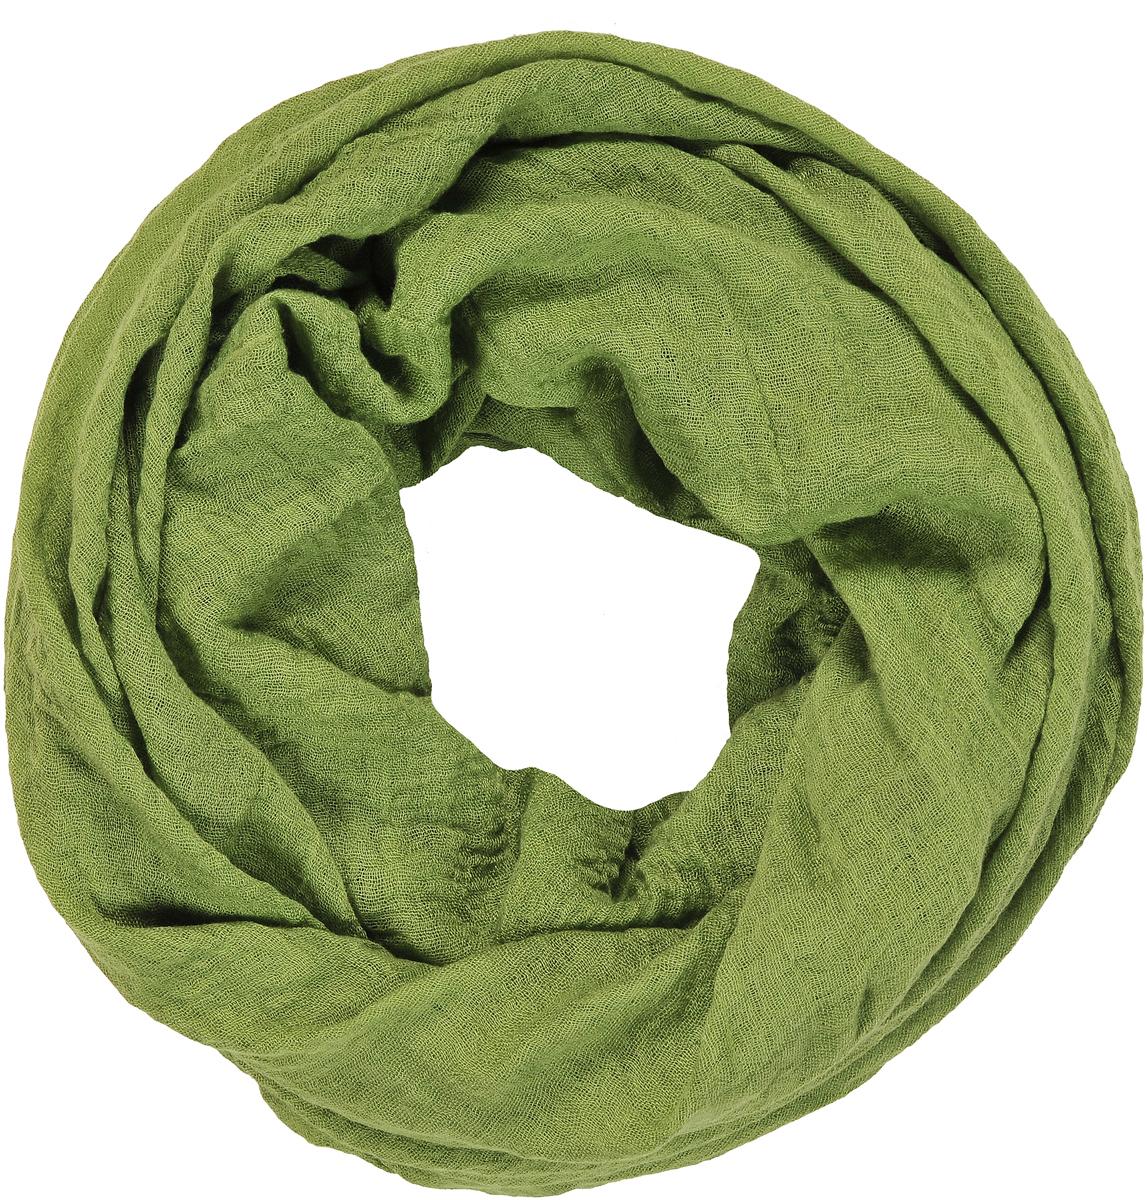 Палантин женский Модные истории, цвет: зеленый. 21/0533/243. Размер 90 см х 180 см21/0533/243Легкий однотонный палантин из ткани с эффектом крэш. Декорирован бахромой по торцевым сторонам.